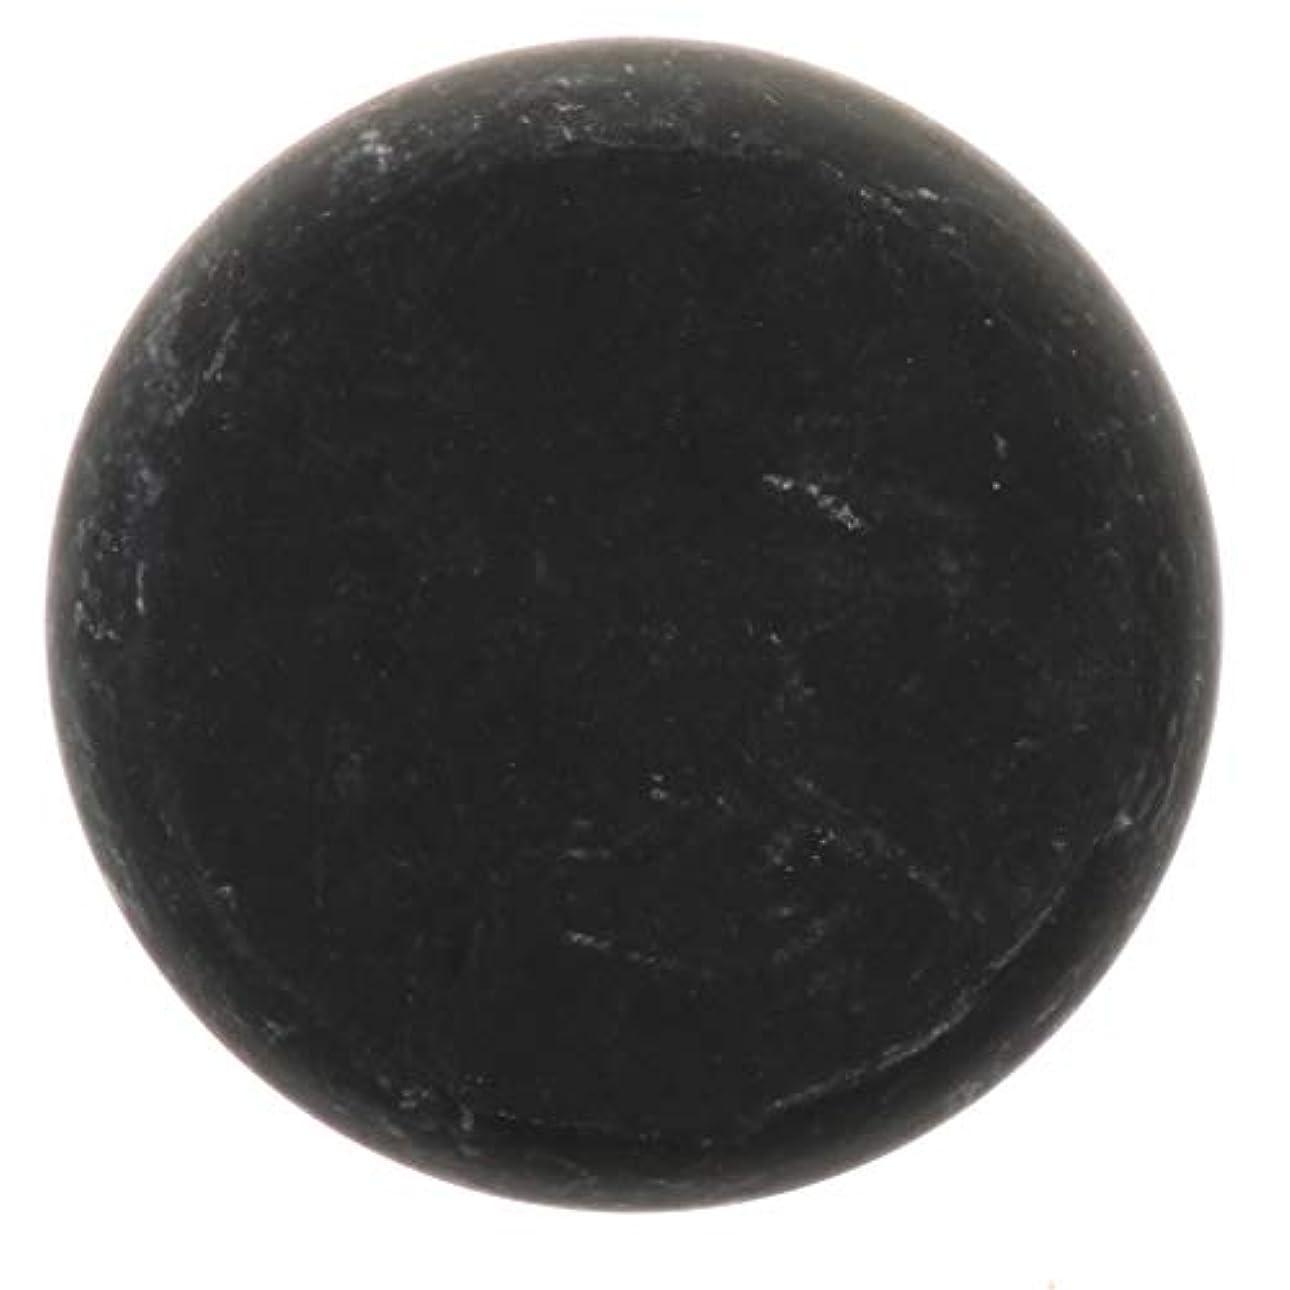 池浴サーマルFLAMEER 天然石ホットストーン マッサージ用玄武岩 マッサージストーン ボディマッサージ 実用的 全2サイズ - ブラック, 01